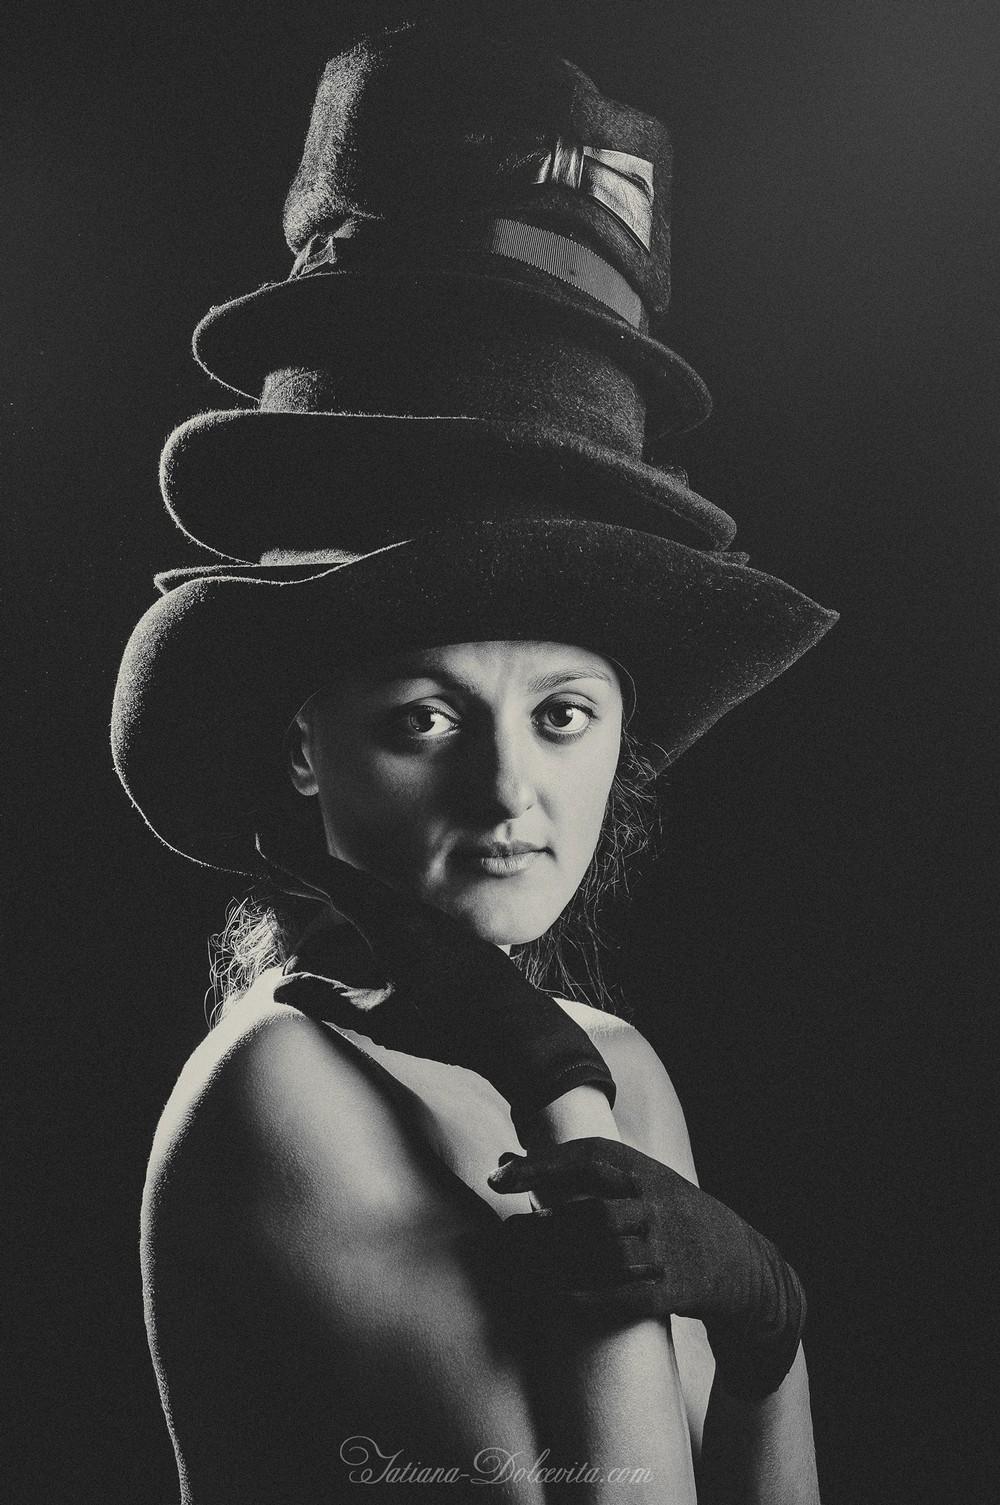 MAGIC HATS - PHOTOSHOOTING